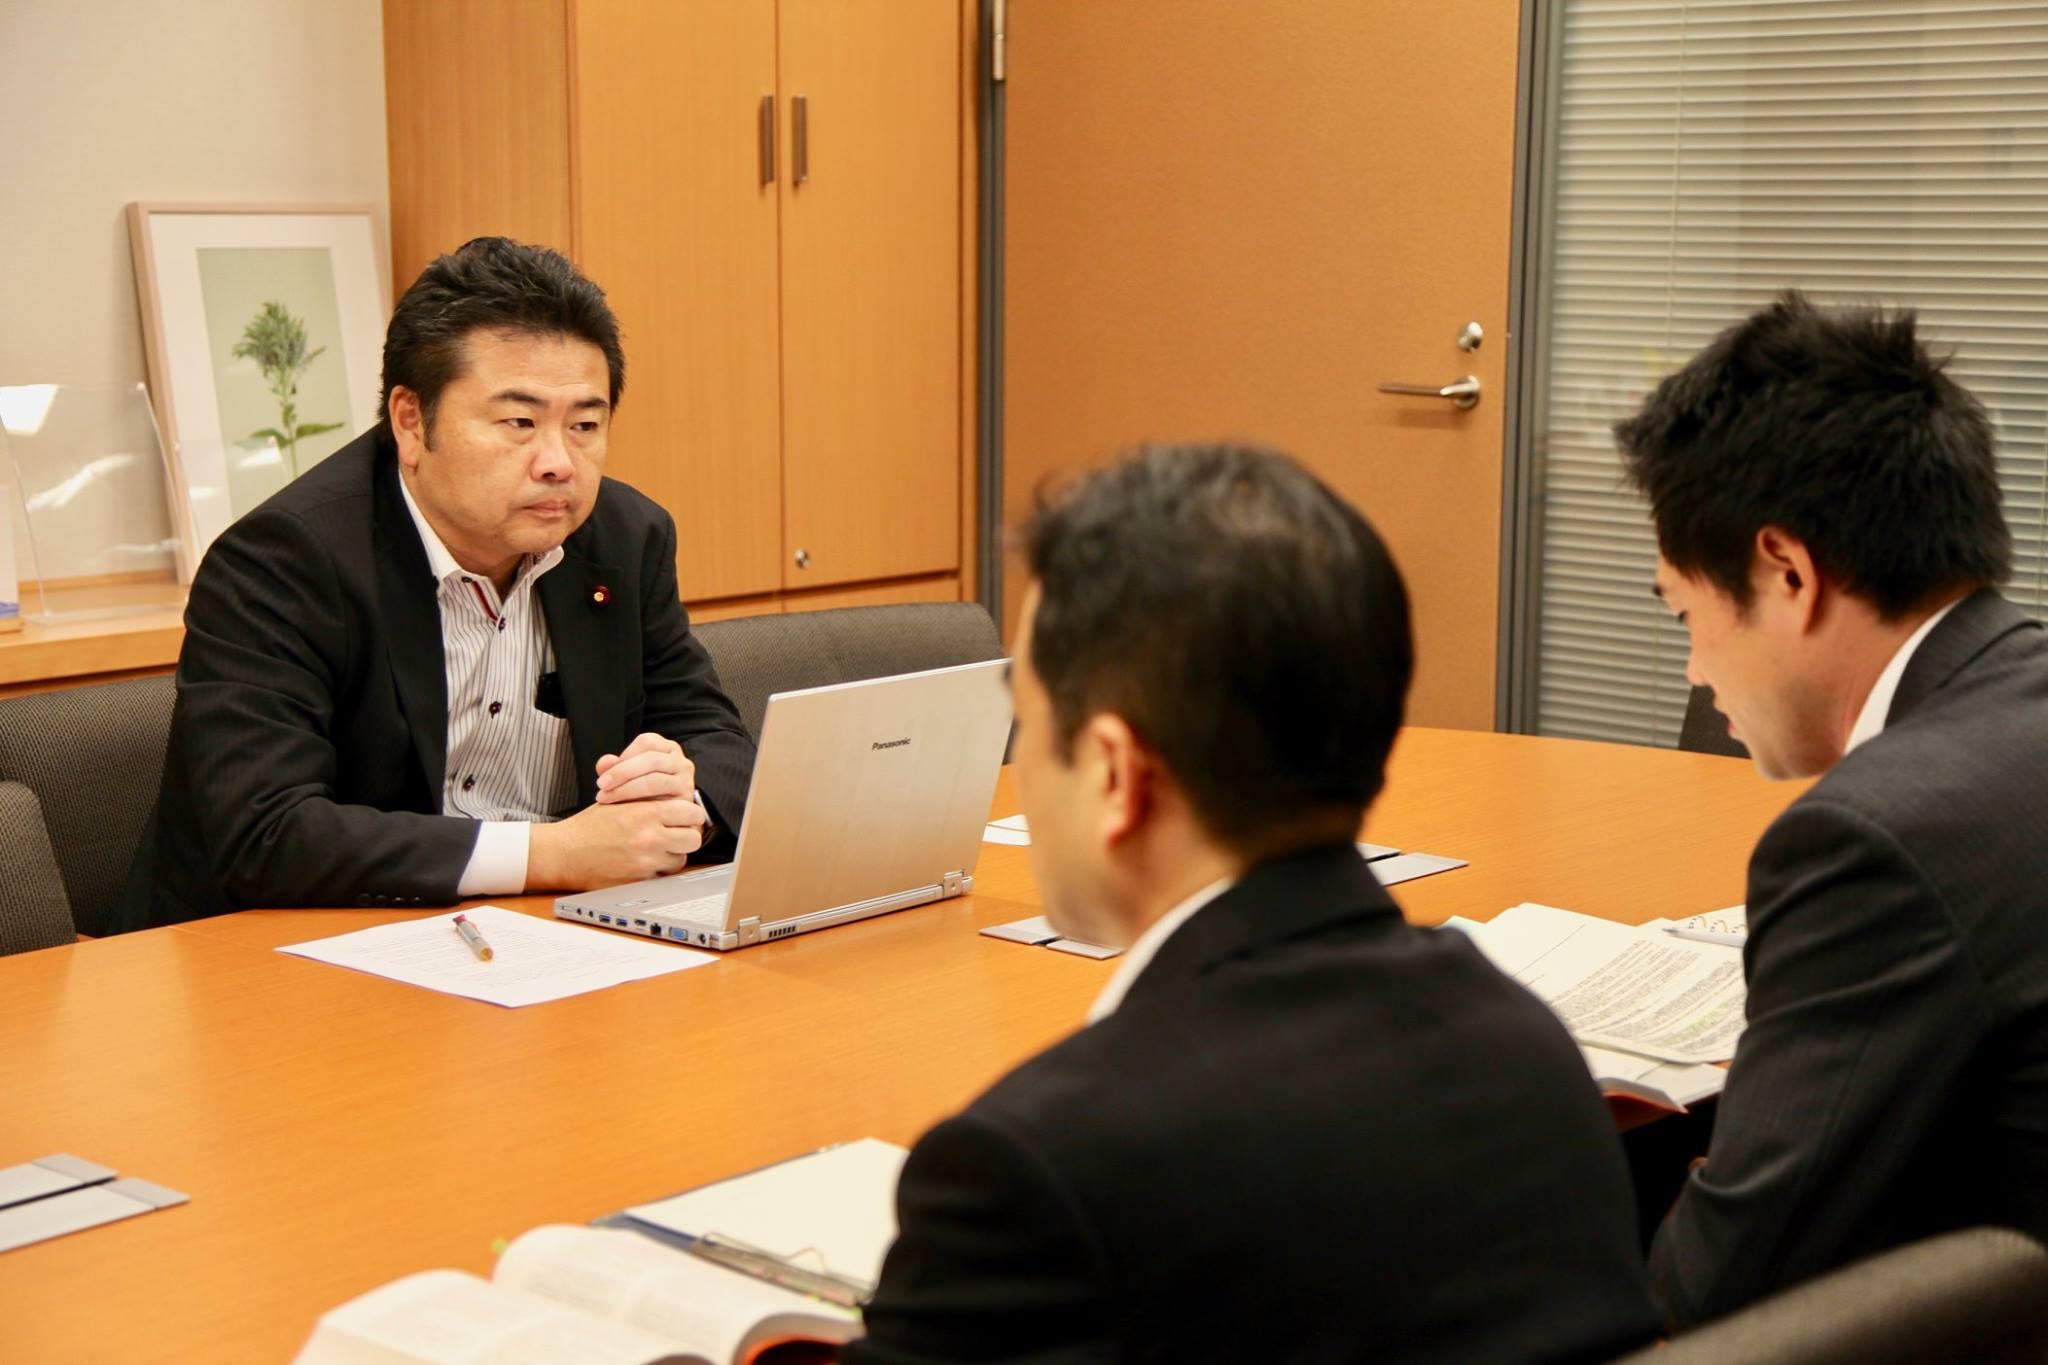 先日、「菅官房長官がギャンブル依存症対策としてパチンコ景品交換所の改廃に踏む込む意向」とのニュースが流れました。